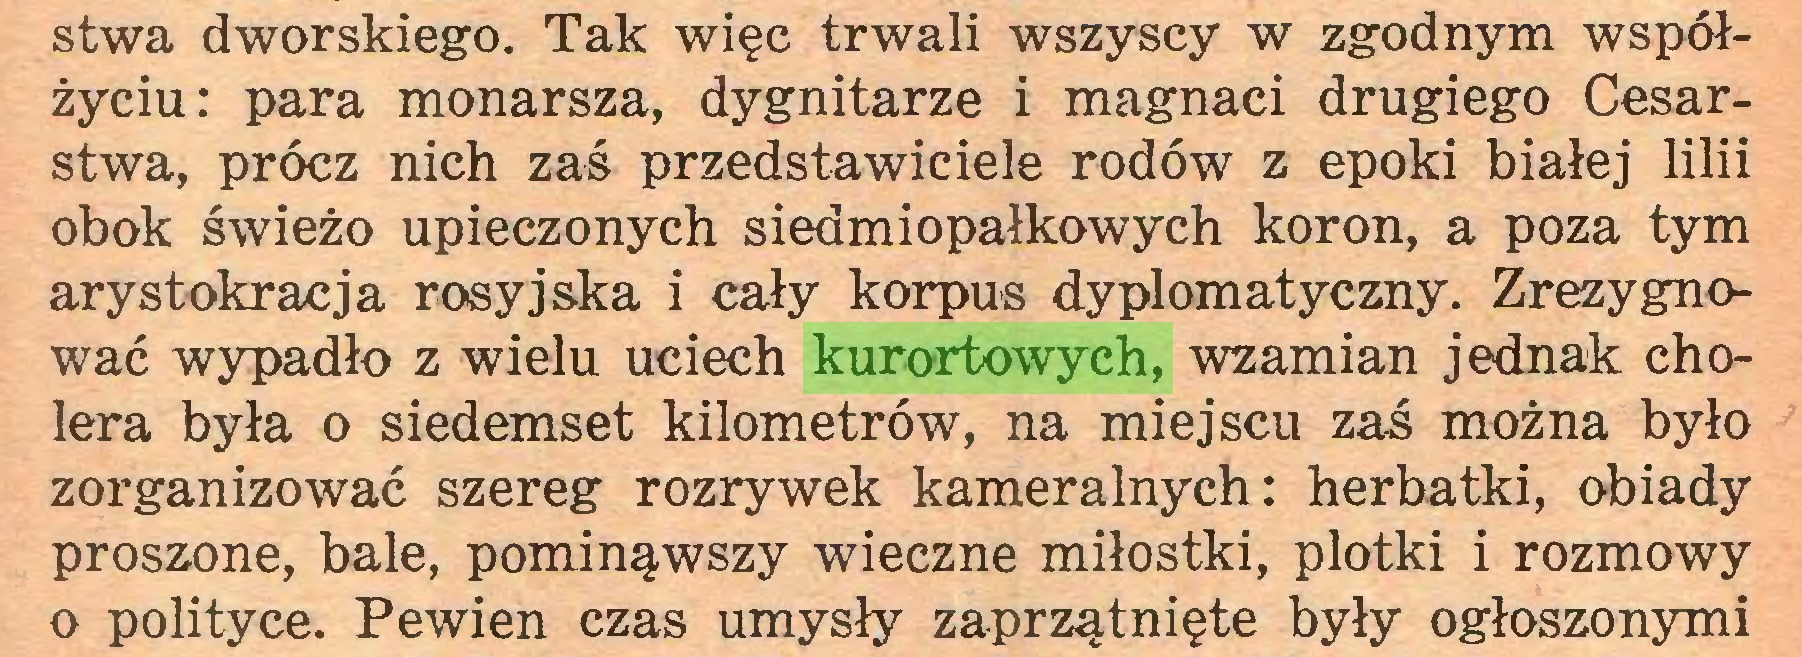 (...) stwa dworskiego. Tak więc trwali wszyscy w zgodnym współżyciu: para monarsza, dygnitarze i magnaci drugiego Cesarstwa, prócz nich zaś przedstawiciele rodów z epoki białej lilii obok świeżo upieczonych siedmiopałkowych koron, a poza tym arystokracja rosyjska i cały korpus dyplomatyczny. Zrezygnować wypadło z wielu uciech kurortowych, wzamian jednak cholera była o siedemset kilometrów, na miejscu zaś można było zorganizować szereg rozrywek kameralnych: herbatki, obiady proszone, bale, pominąwszy wieczne miłostki, plotki i rozmowy o polityce. Pewien czas umysły zaprzątnięte były ogłoszonymi...